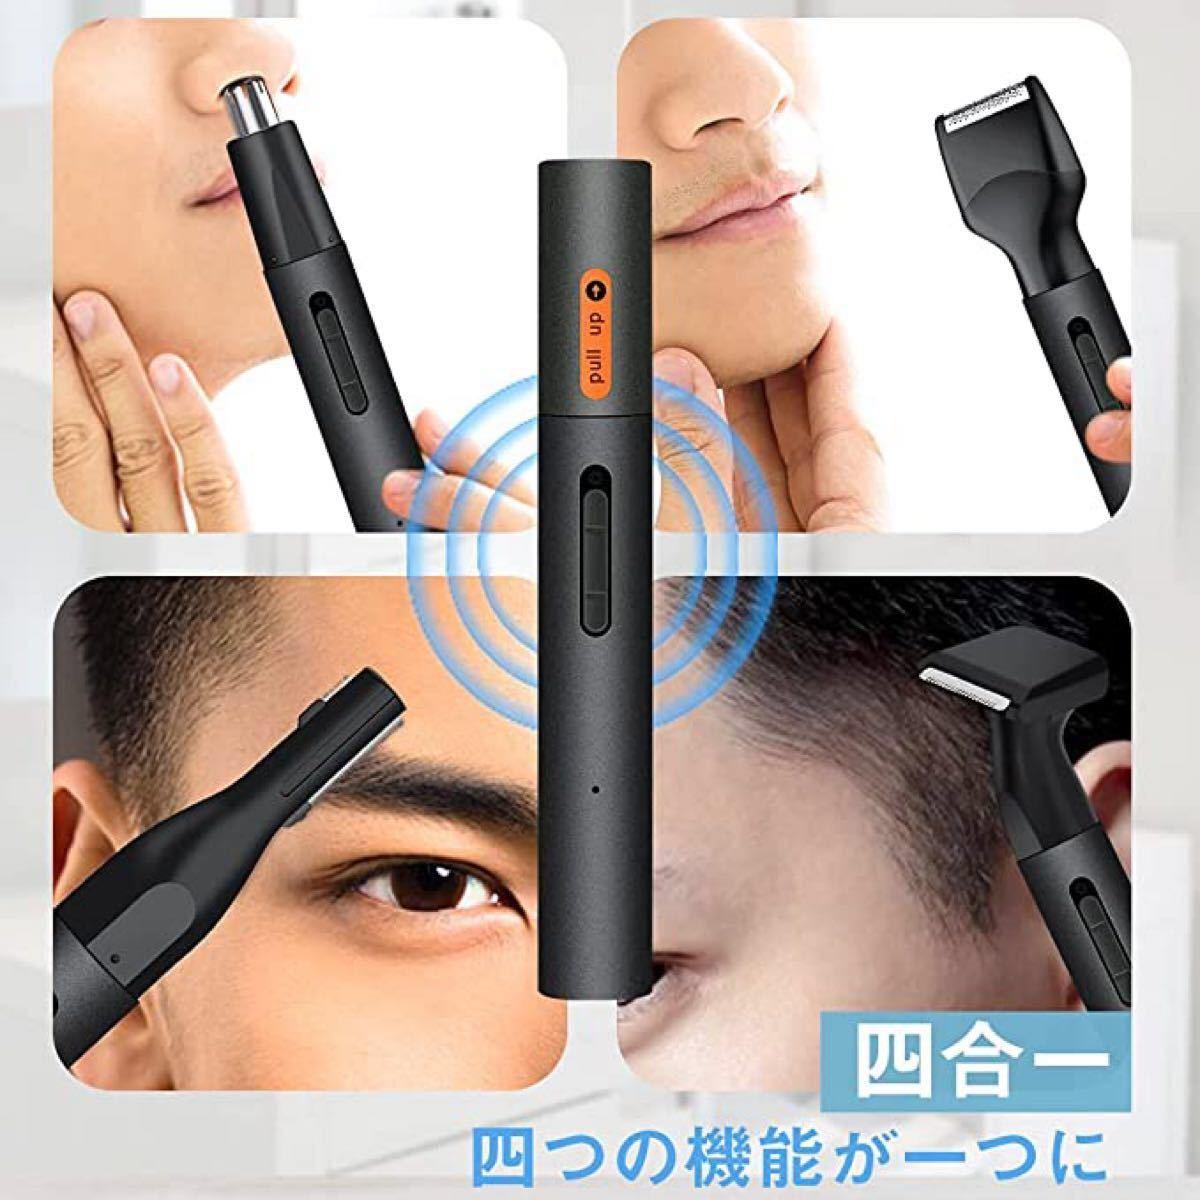 鼻毛カッター 1台4役 電動式 眉毛カッター はなげカッター 鼻毛トリマー